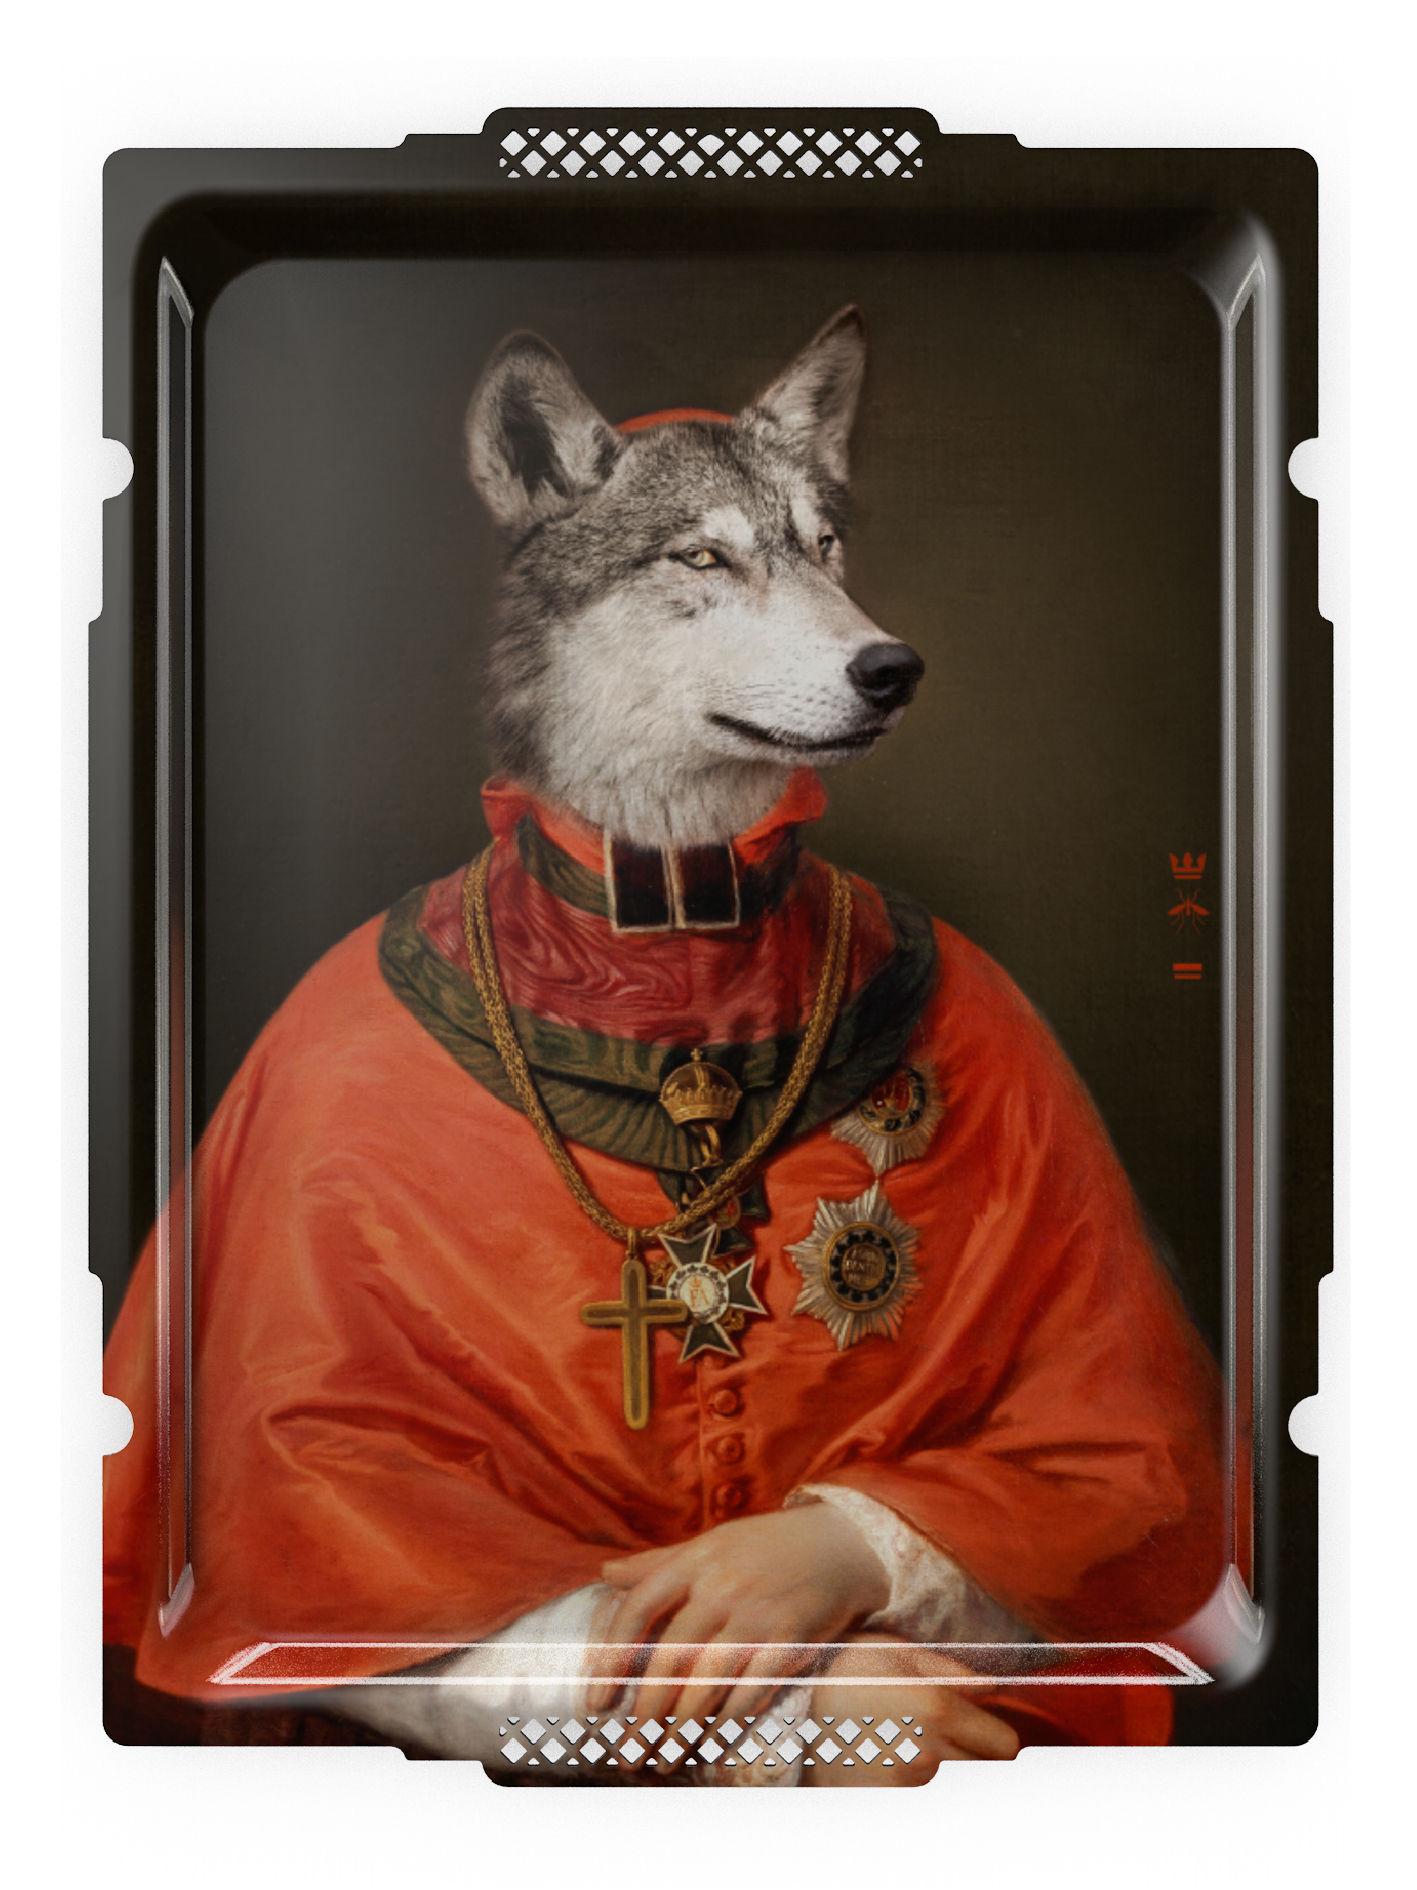 Tischkultur - Tabletts - Le loup et l'Agneau Tablett - Ibride - Wolf - massive Press-Spanplatte